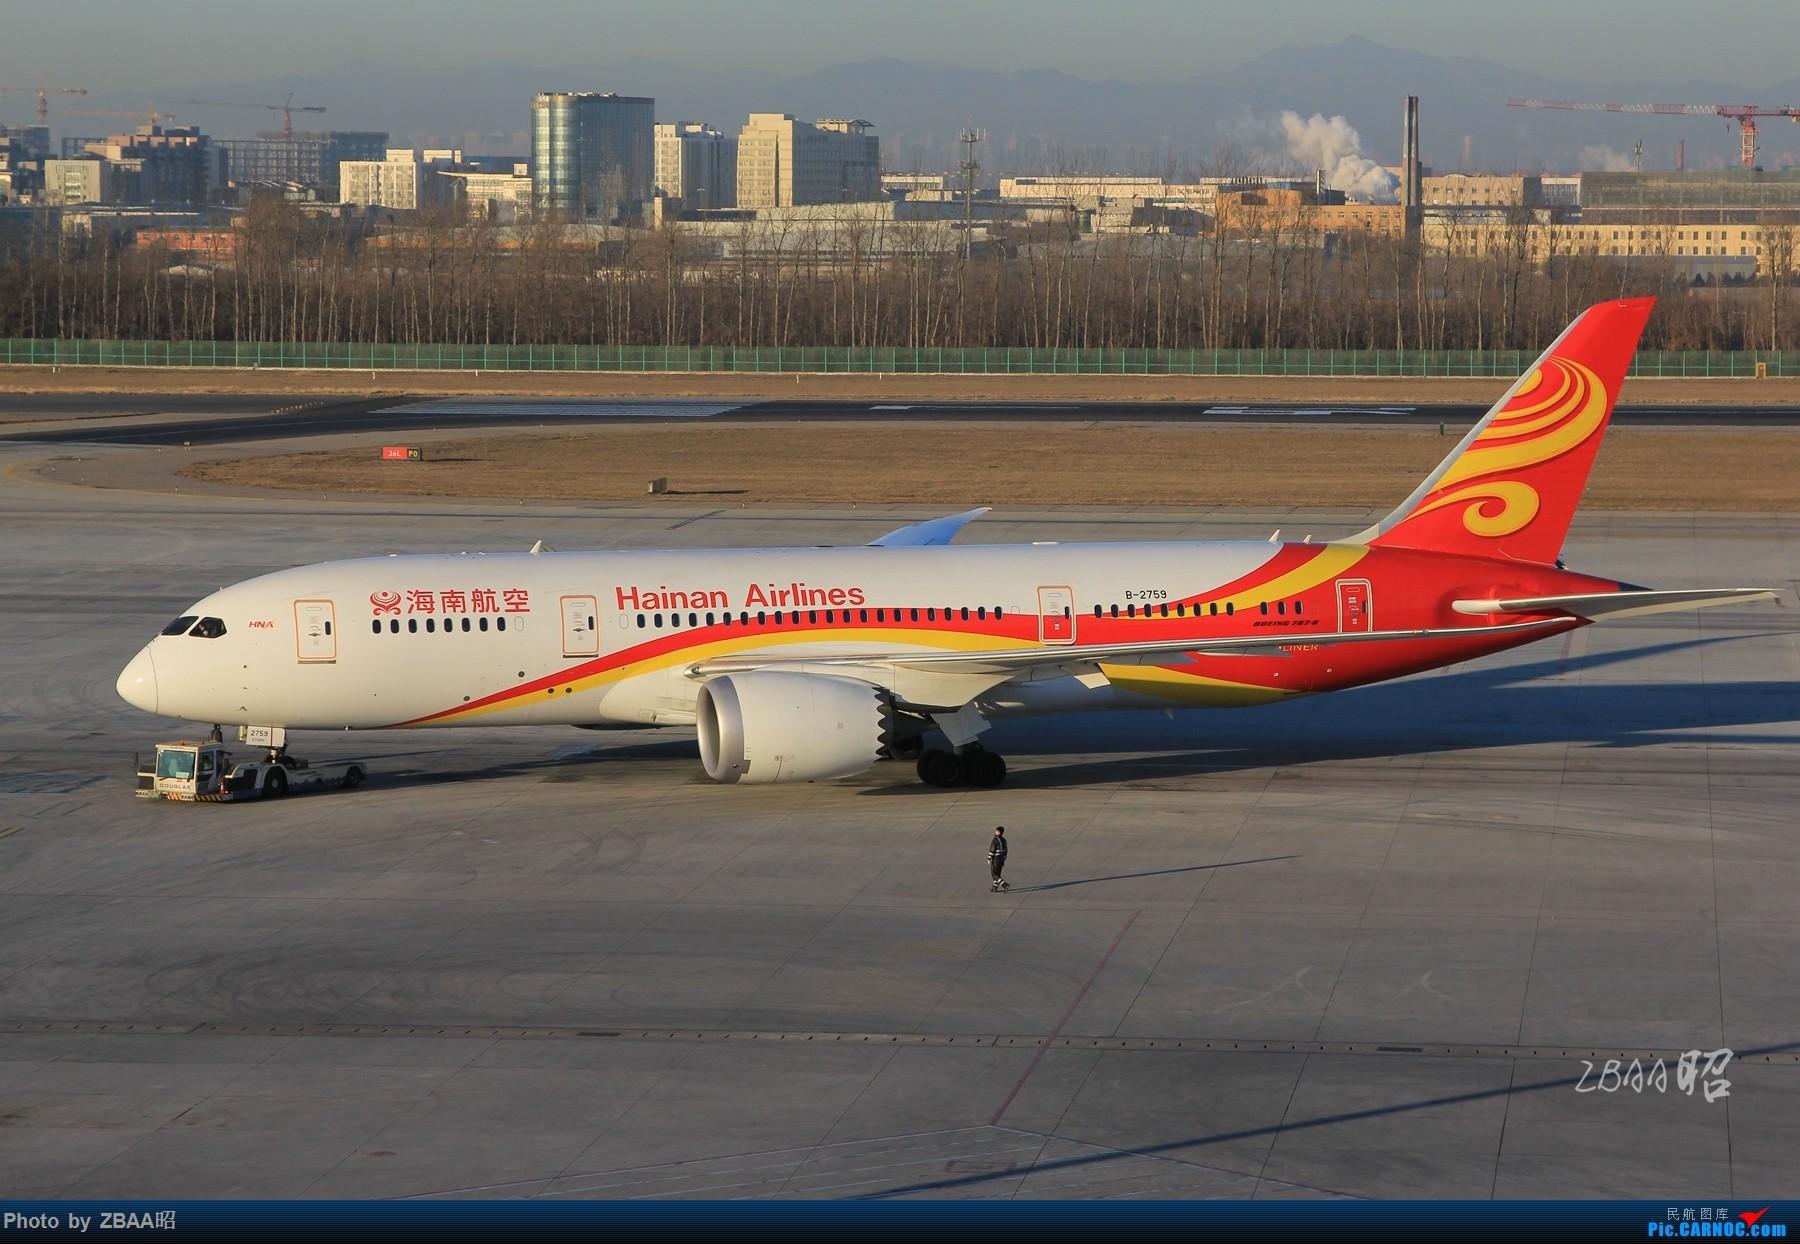 Re:[原创]飞友聚会后的独自疯狂,格林豪泰隔天怒打ZBAA 36L跑道,夜拍海航宽体机,寒风中坚守楼顶阵地 BOEING 787-8 B-2759 中国北京首都国际机场